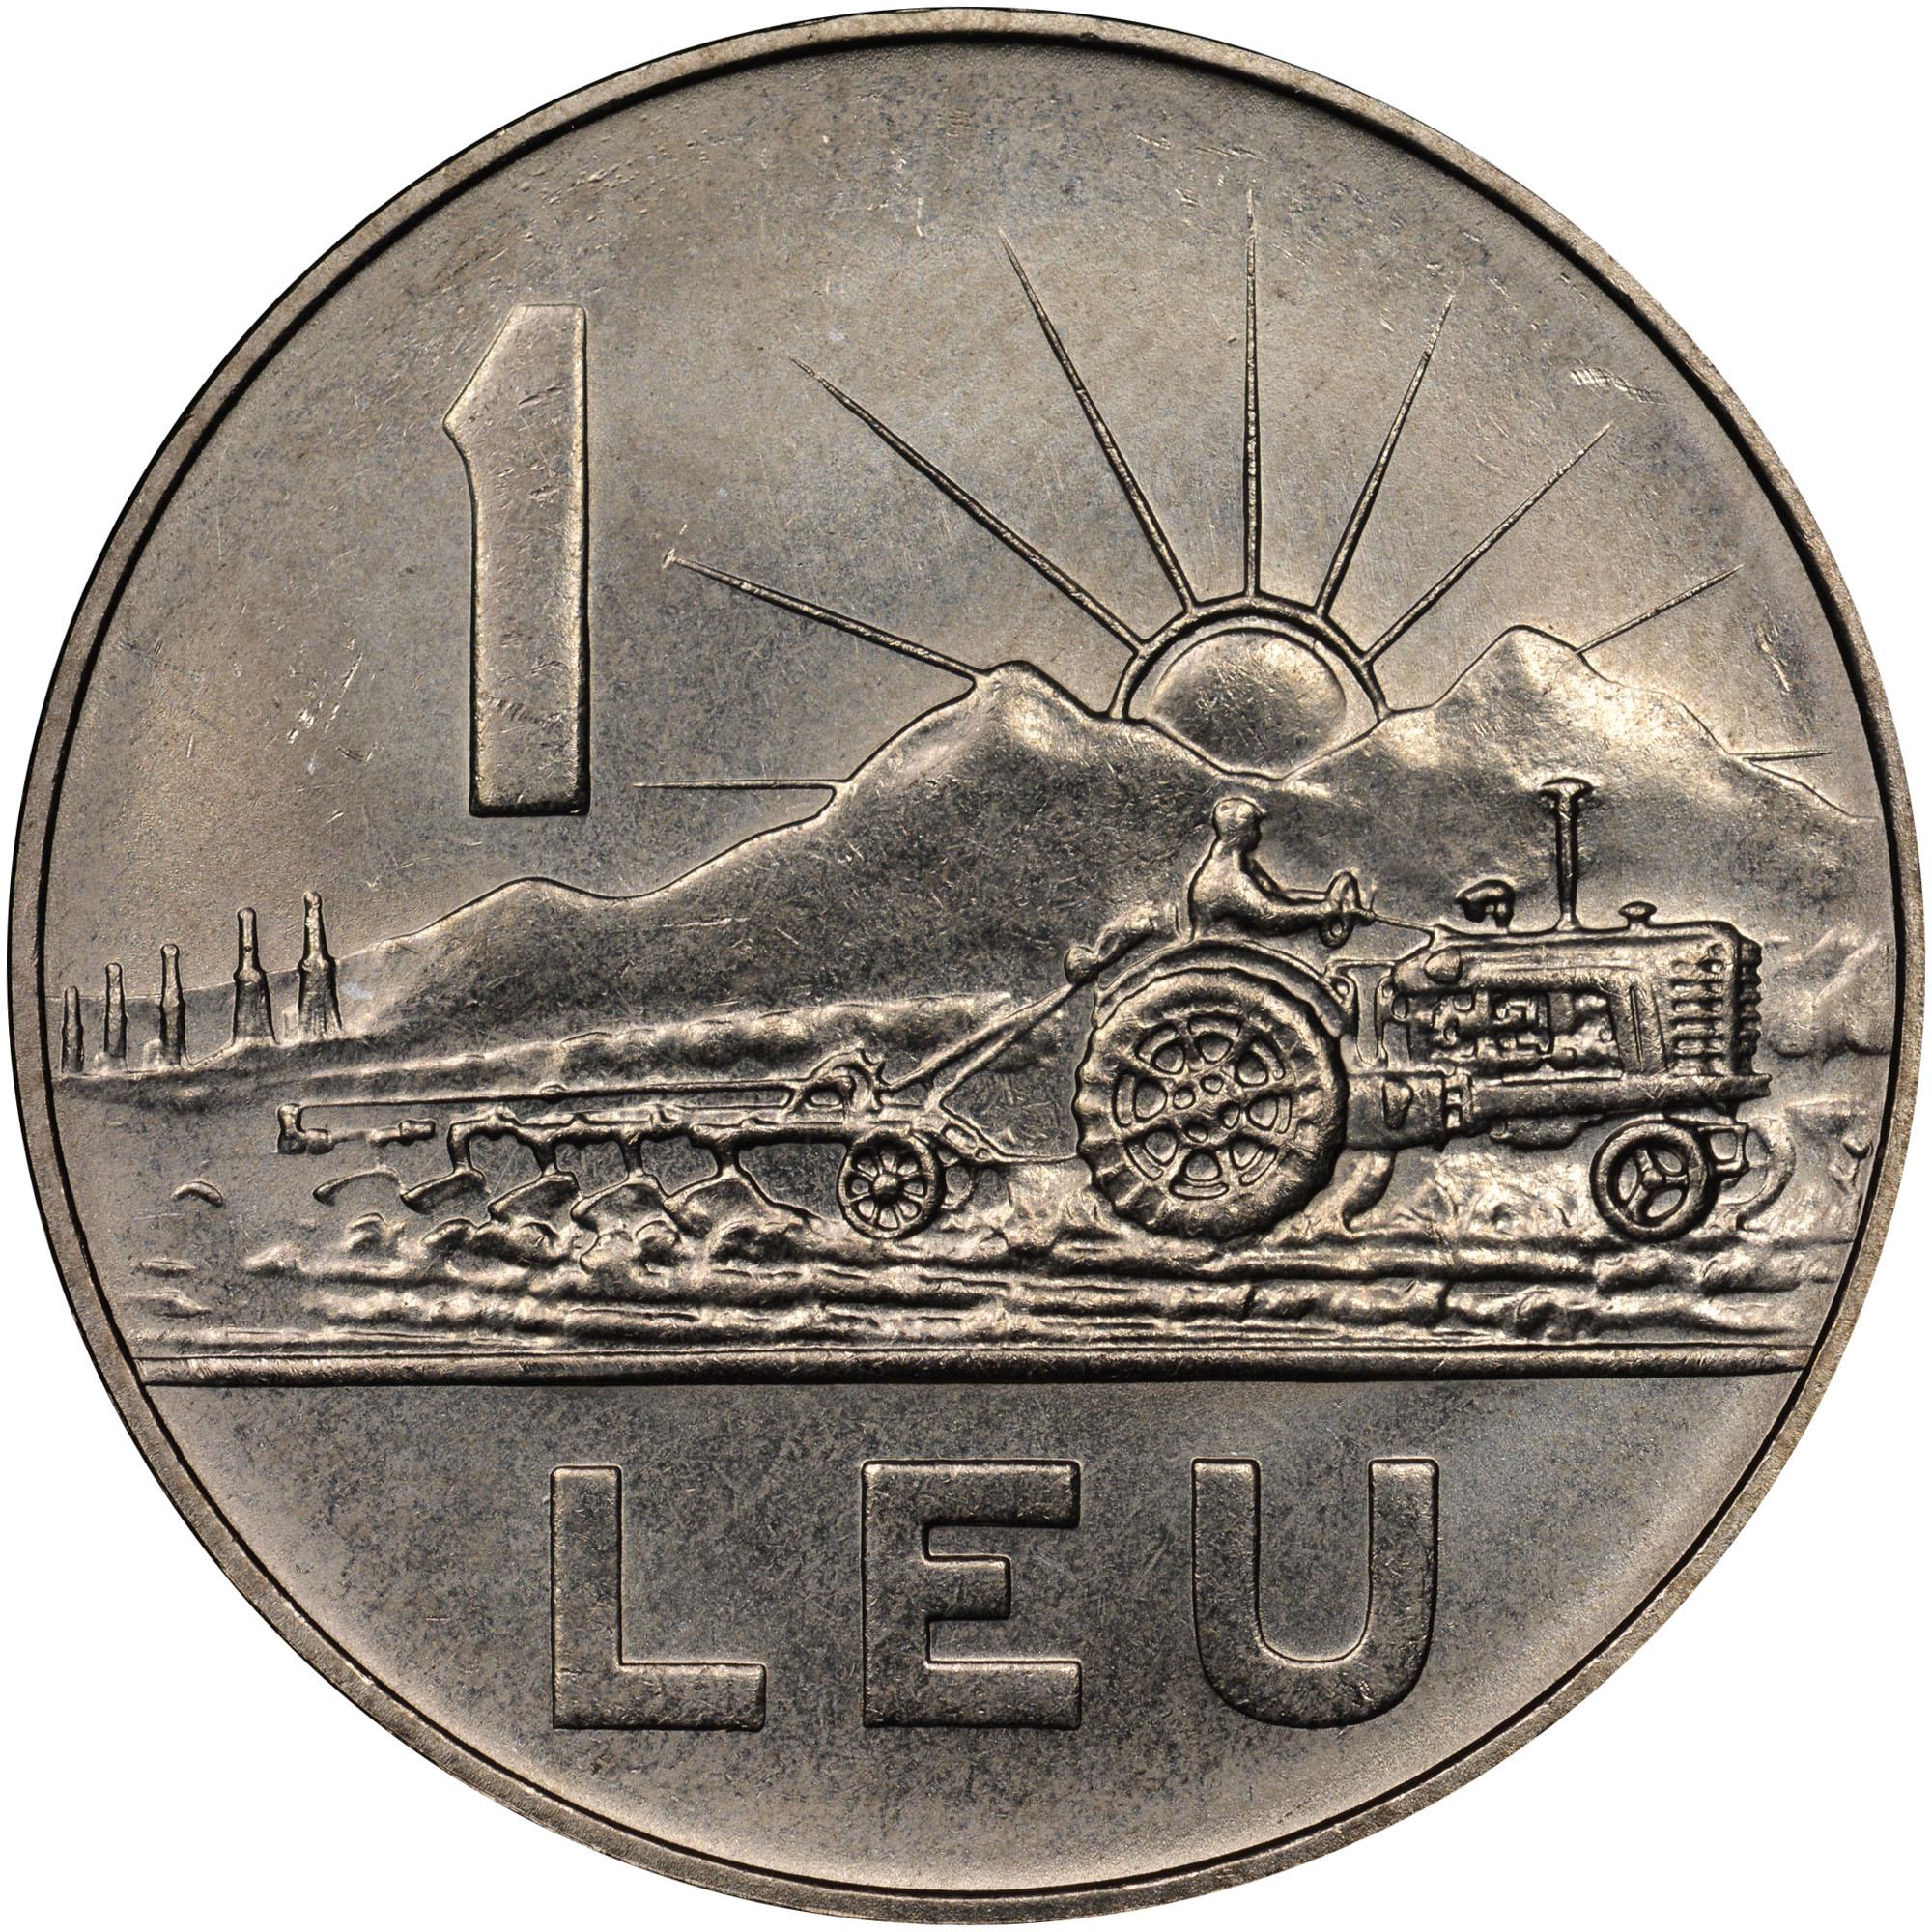 1 leu 1966 цена стоимость алмазного фонда россии